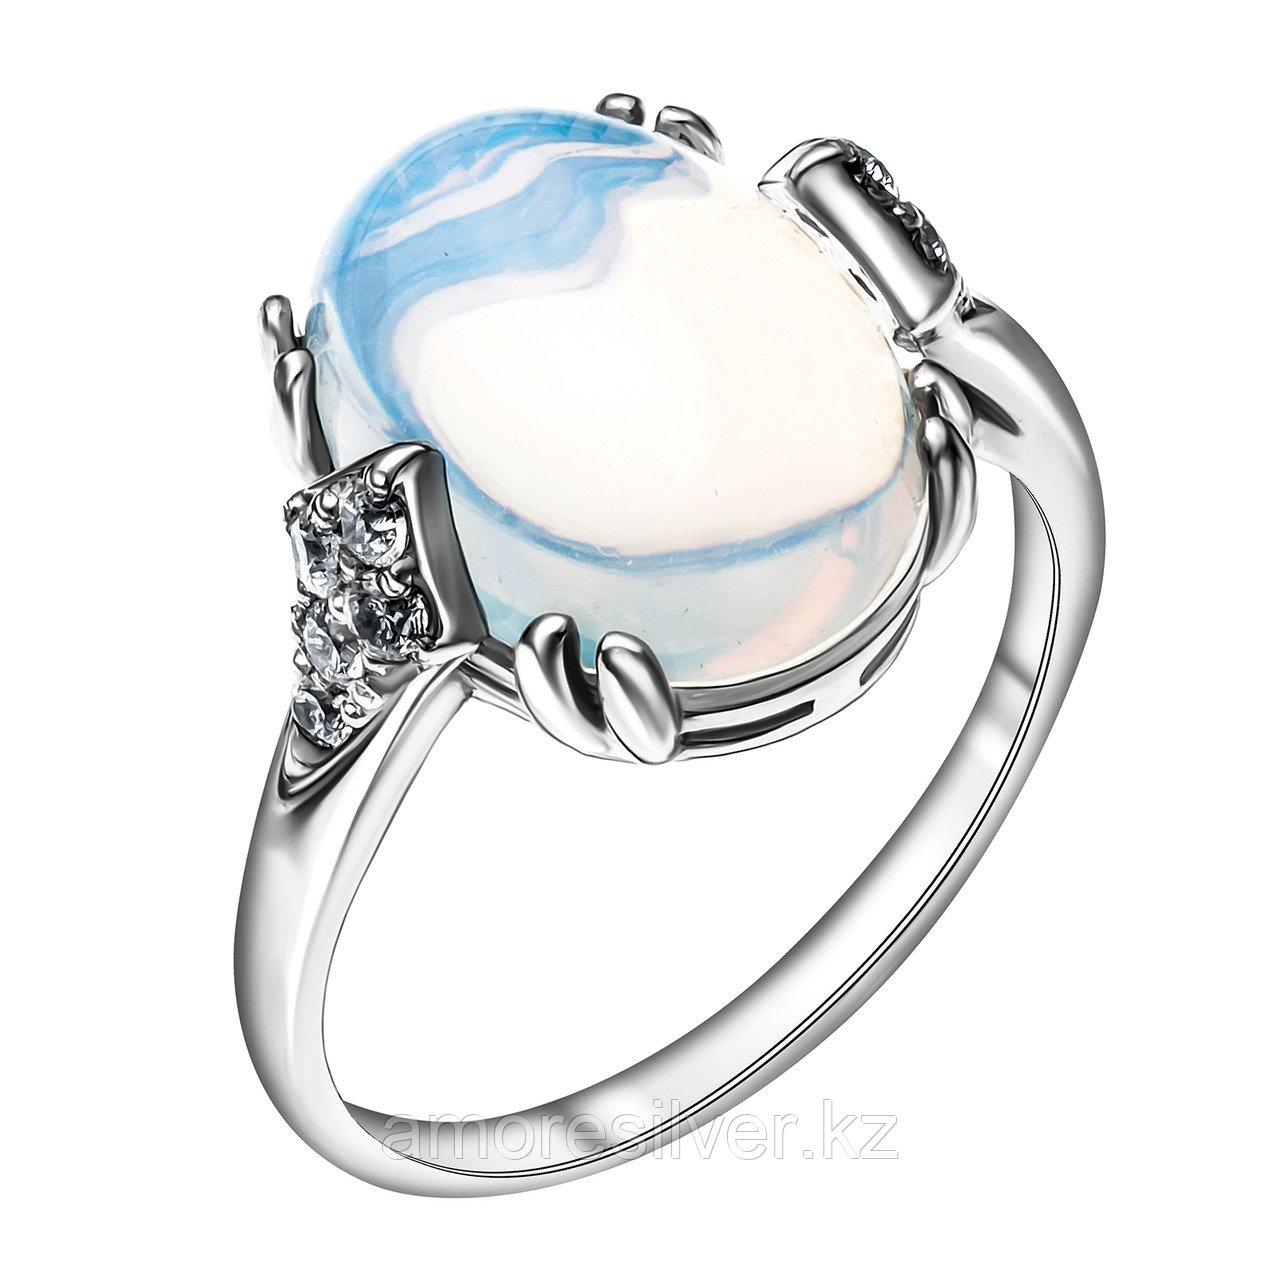 Кольцо из серебра с лунным камнем и фианитом  Приволжский Ювелир 251131-MNS